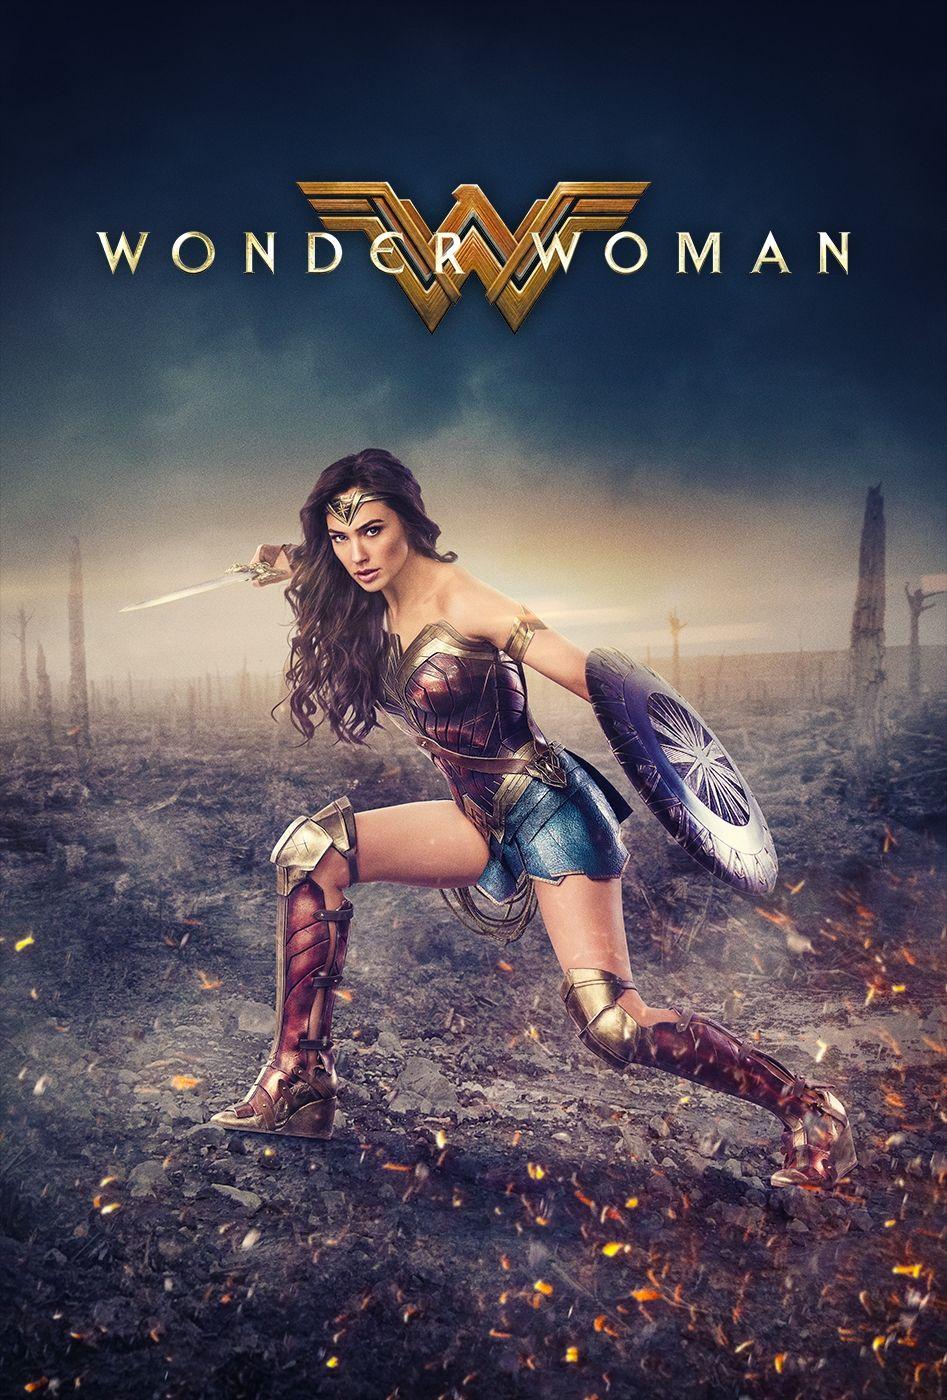 Check Out My Behance Project Wonder Woman Fan Movie Poster Https Www Behance Net Gallery 53124769 Wonder Woman Movie Wonder Woman Gal Gadot Wonder Woman